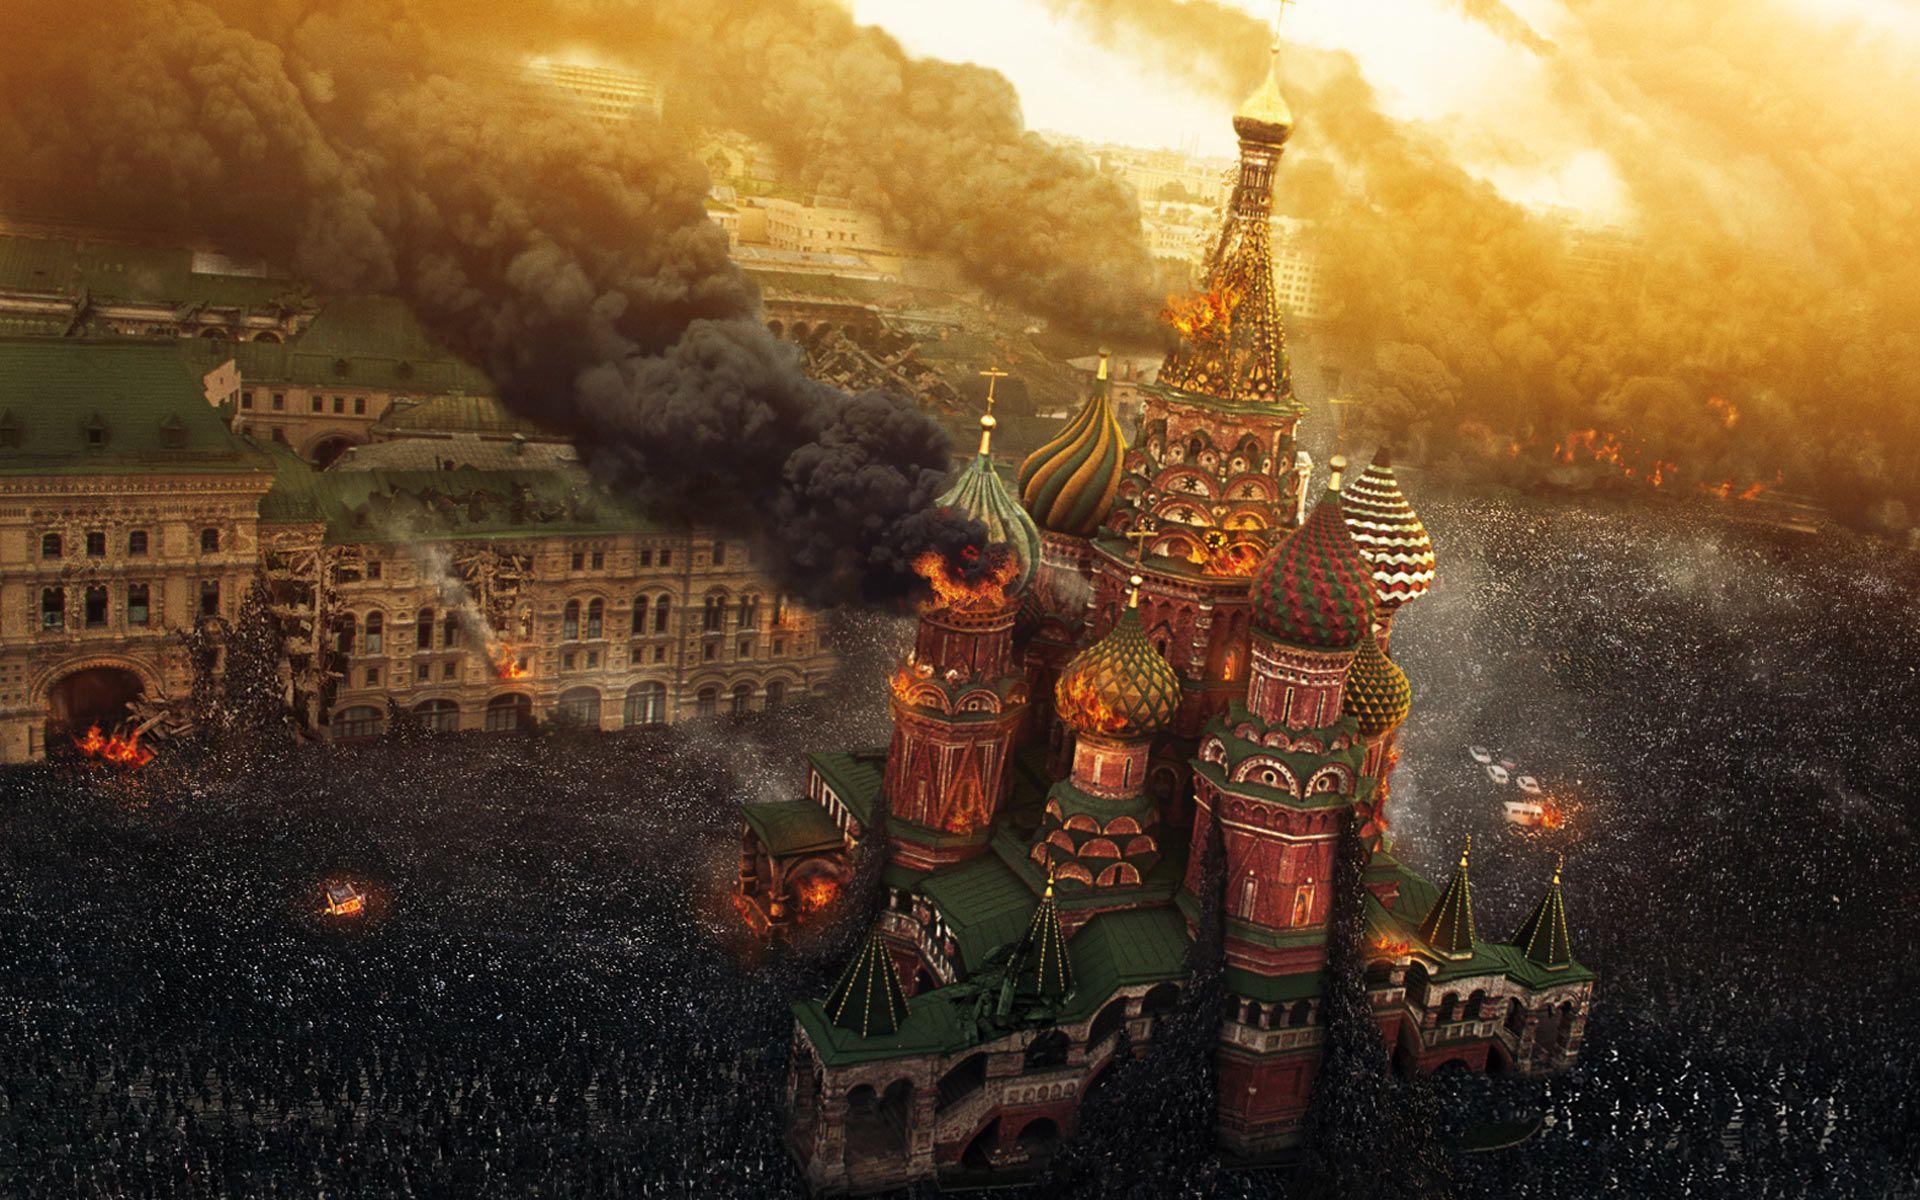 Что такое постапокалипсис и чем он привлекает? | pravdaonline.ru